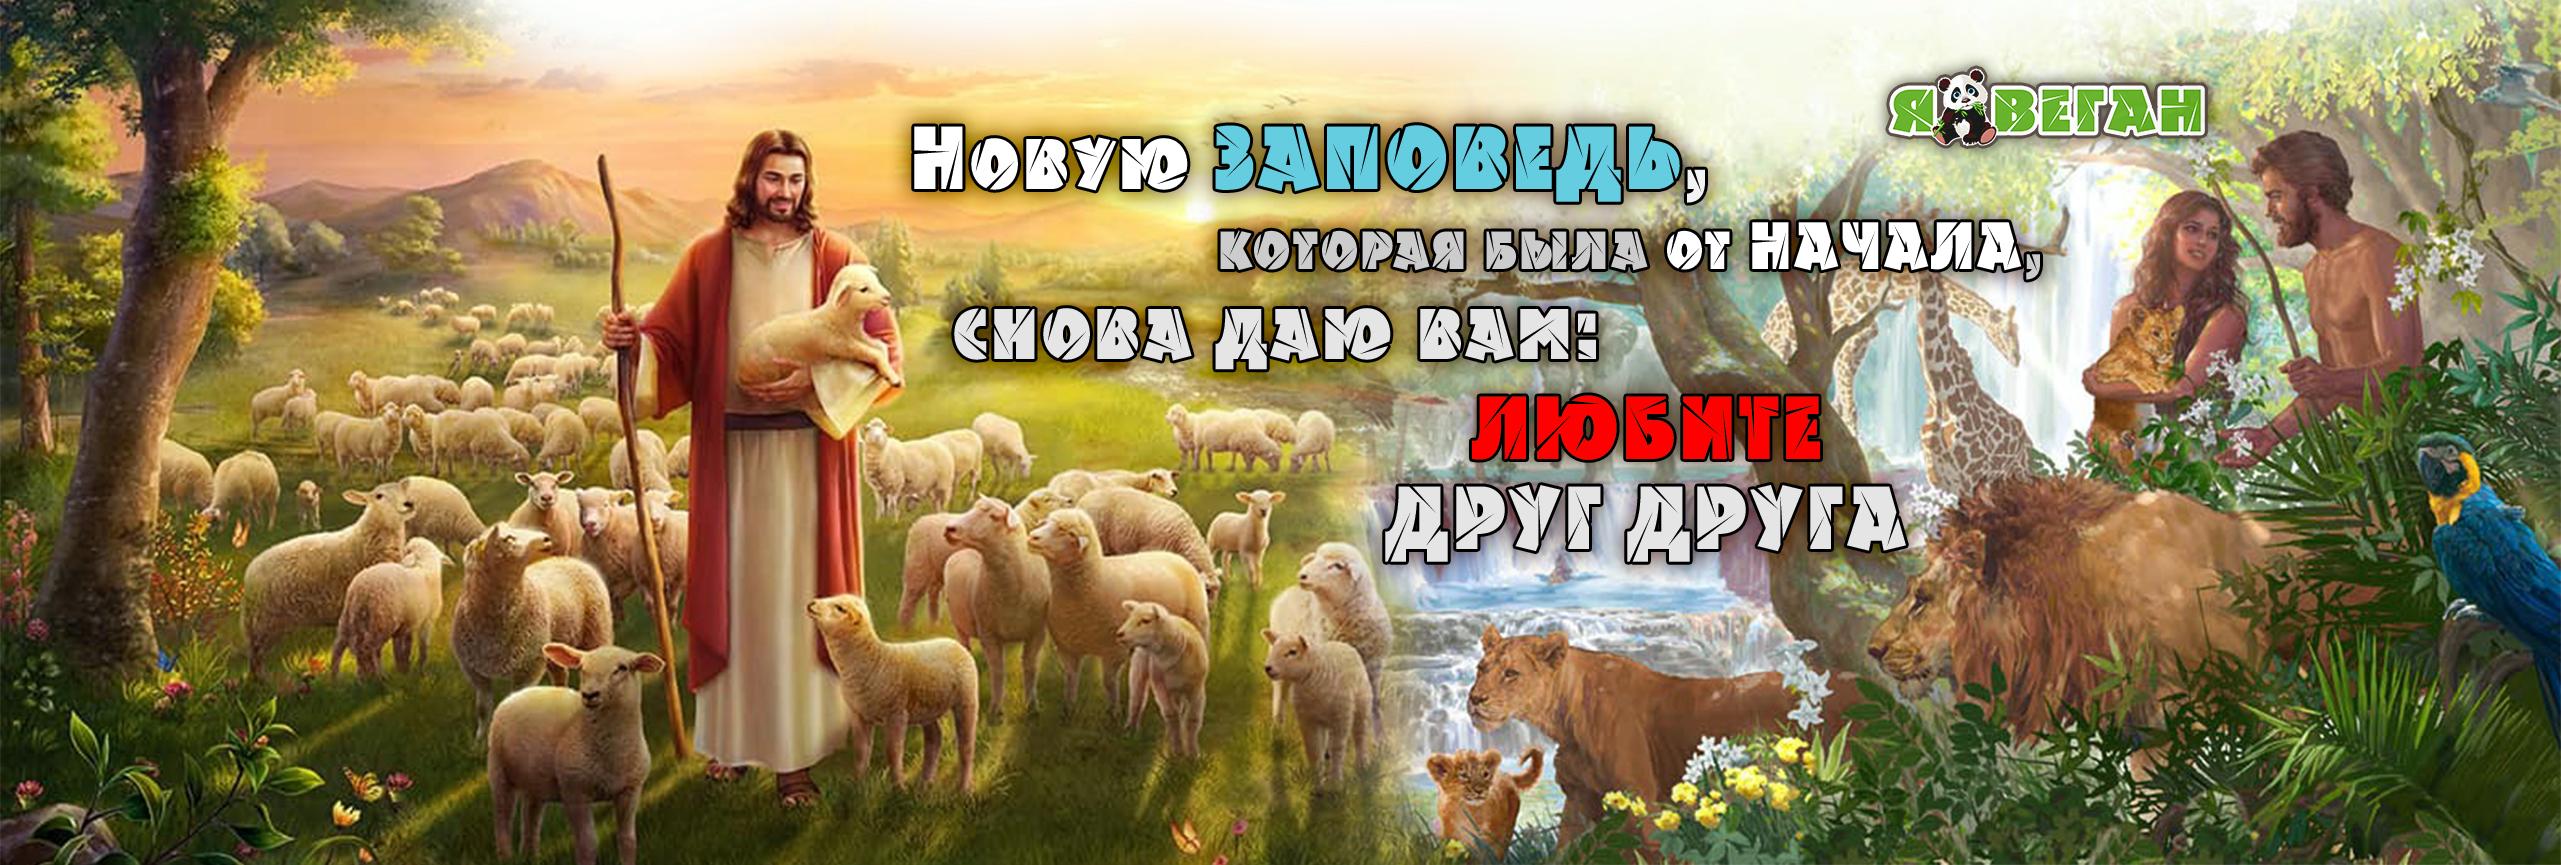 Новую ЗАПОВЕДЬ, которая была от НАЧАЛА, снова даю вам ЛЮБИТЕ ДРУГ ДРУГА бытие ветхий завет Библия